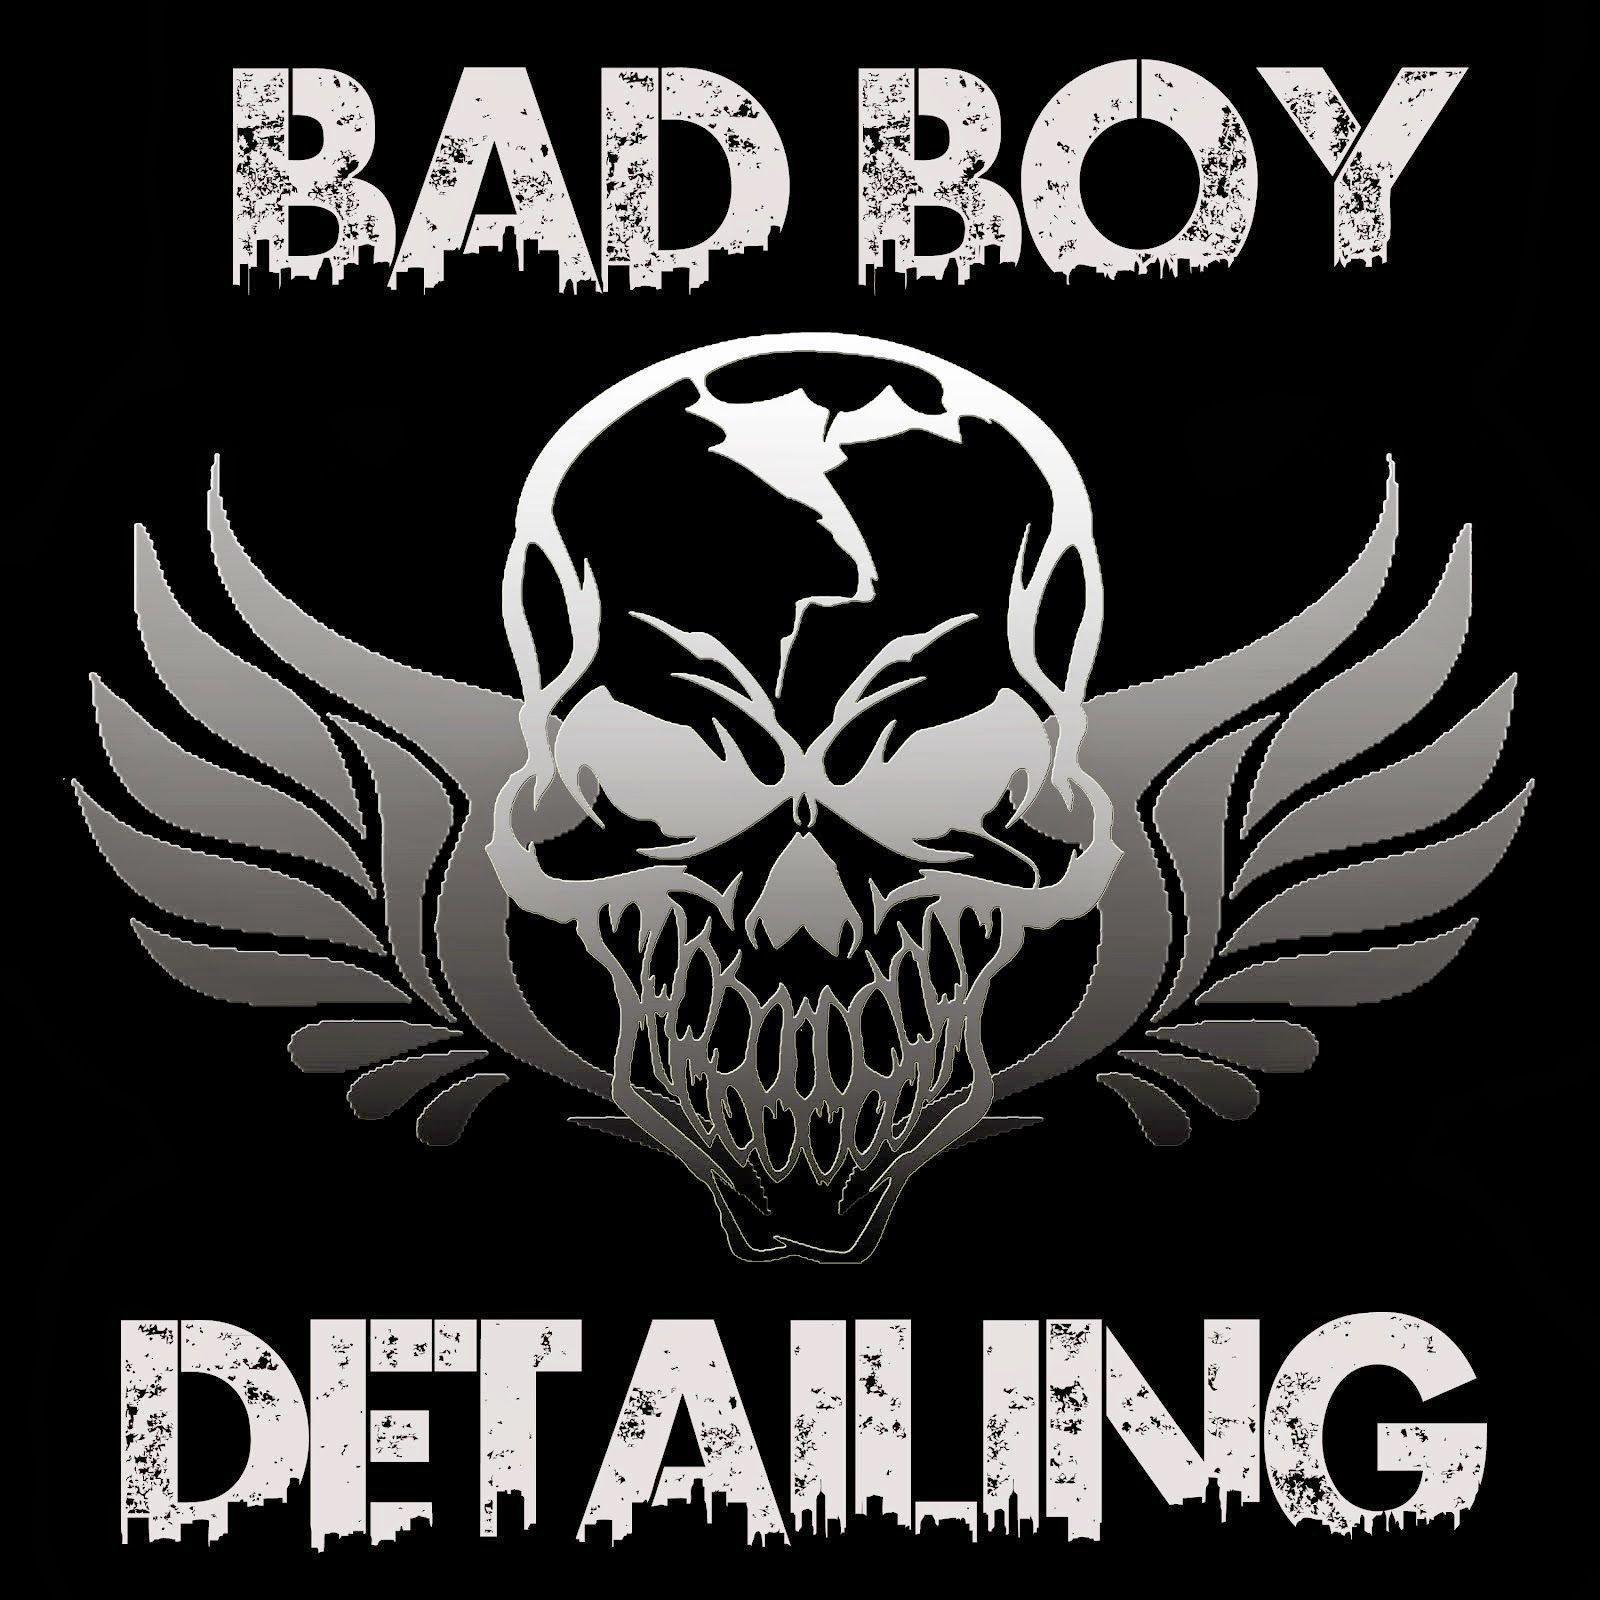 Bad boy images